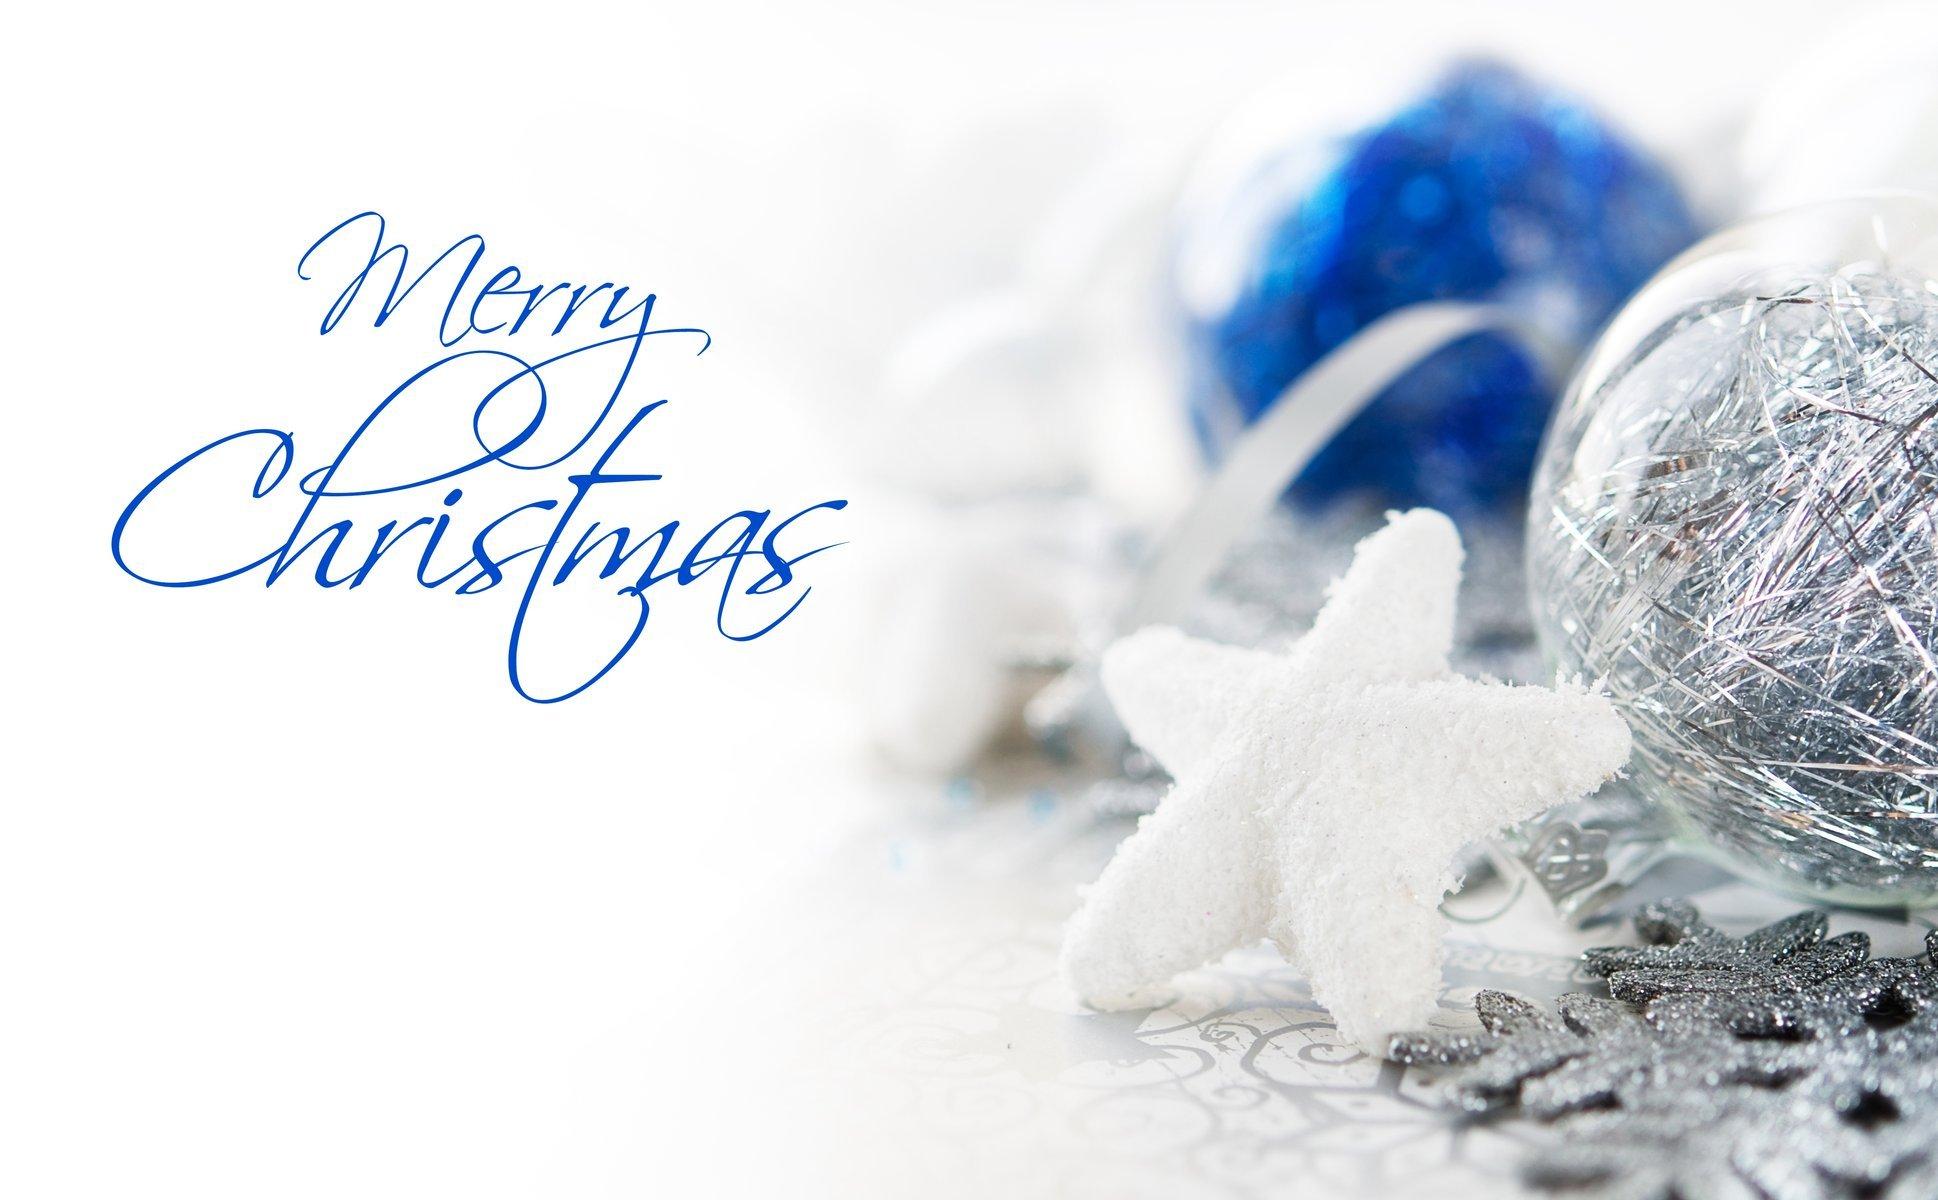 Фон для открытки белый с новым годом, воскресение